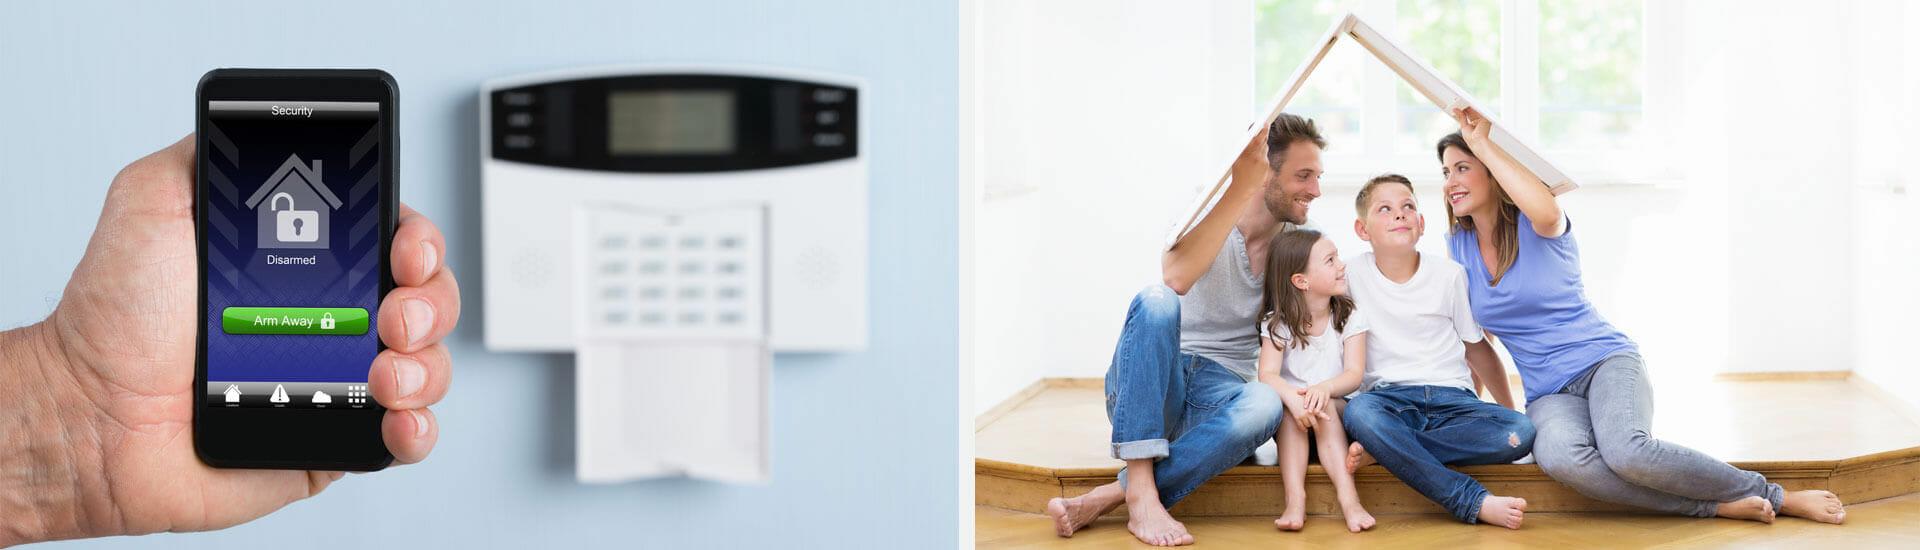 Sistemi di allarme casa professionali prezzi su misura - Sistemi allarme casa prezzi ...